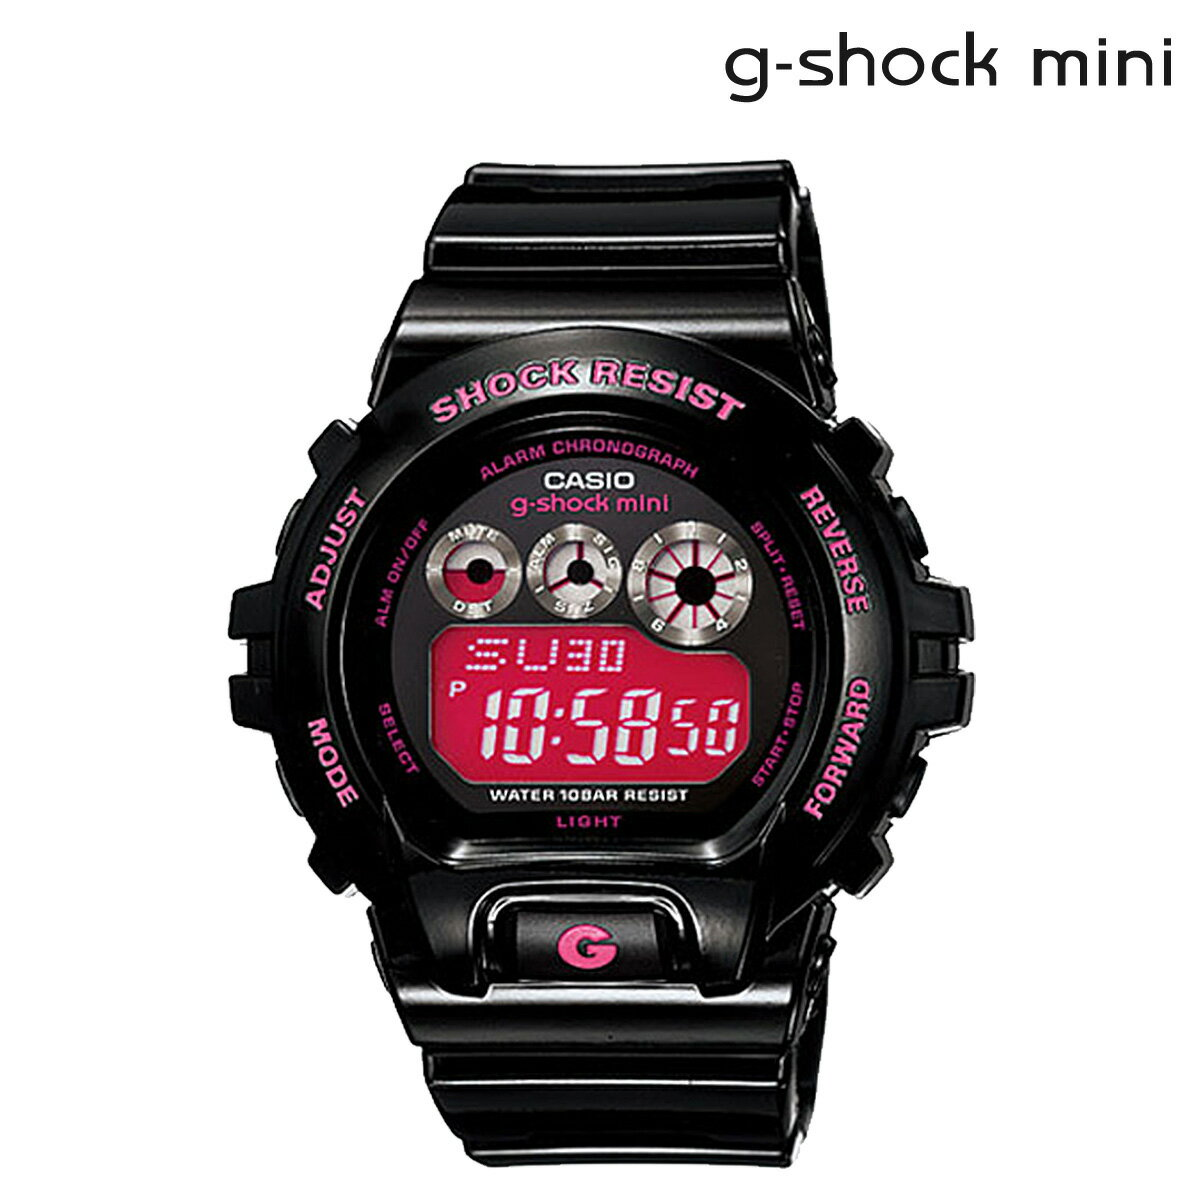 CASIO g-shock mini カシオ 腕時計 GMN-692-1JR ジーショック ミニ Gショック G-ショック レディース [4/19 再入荷] [184]